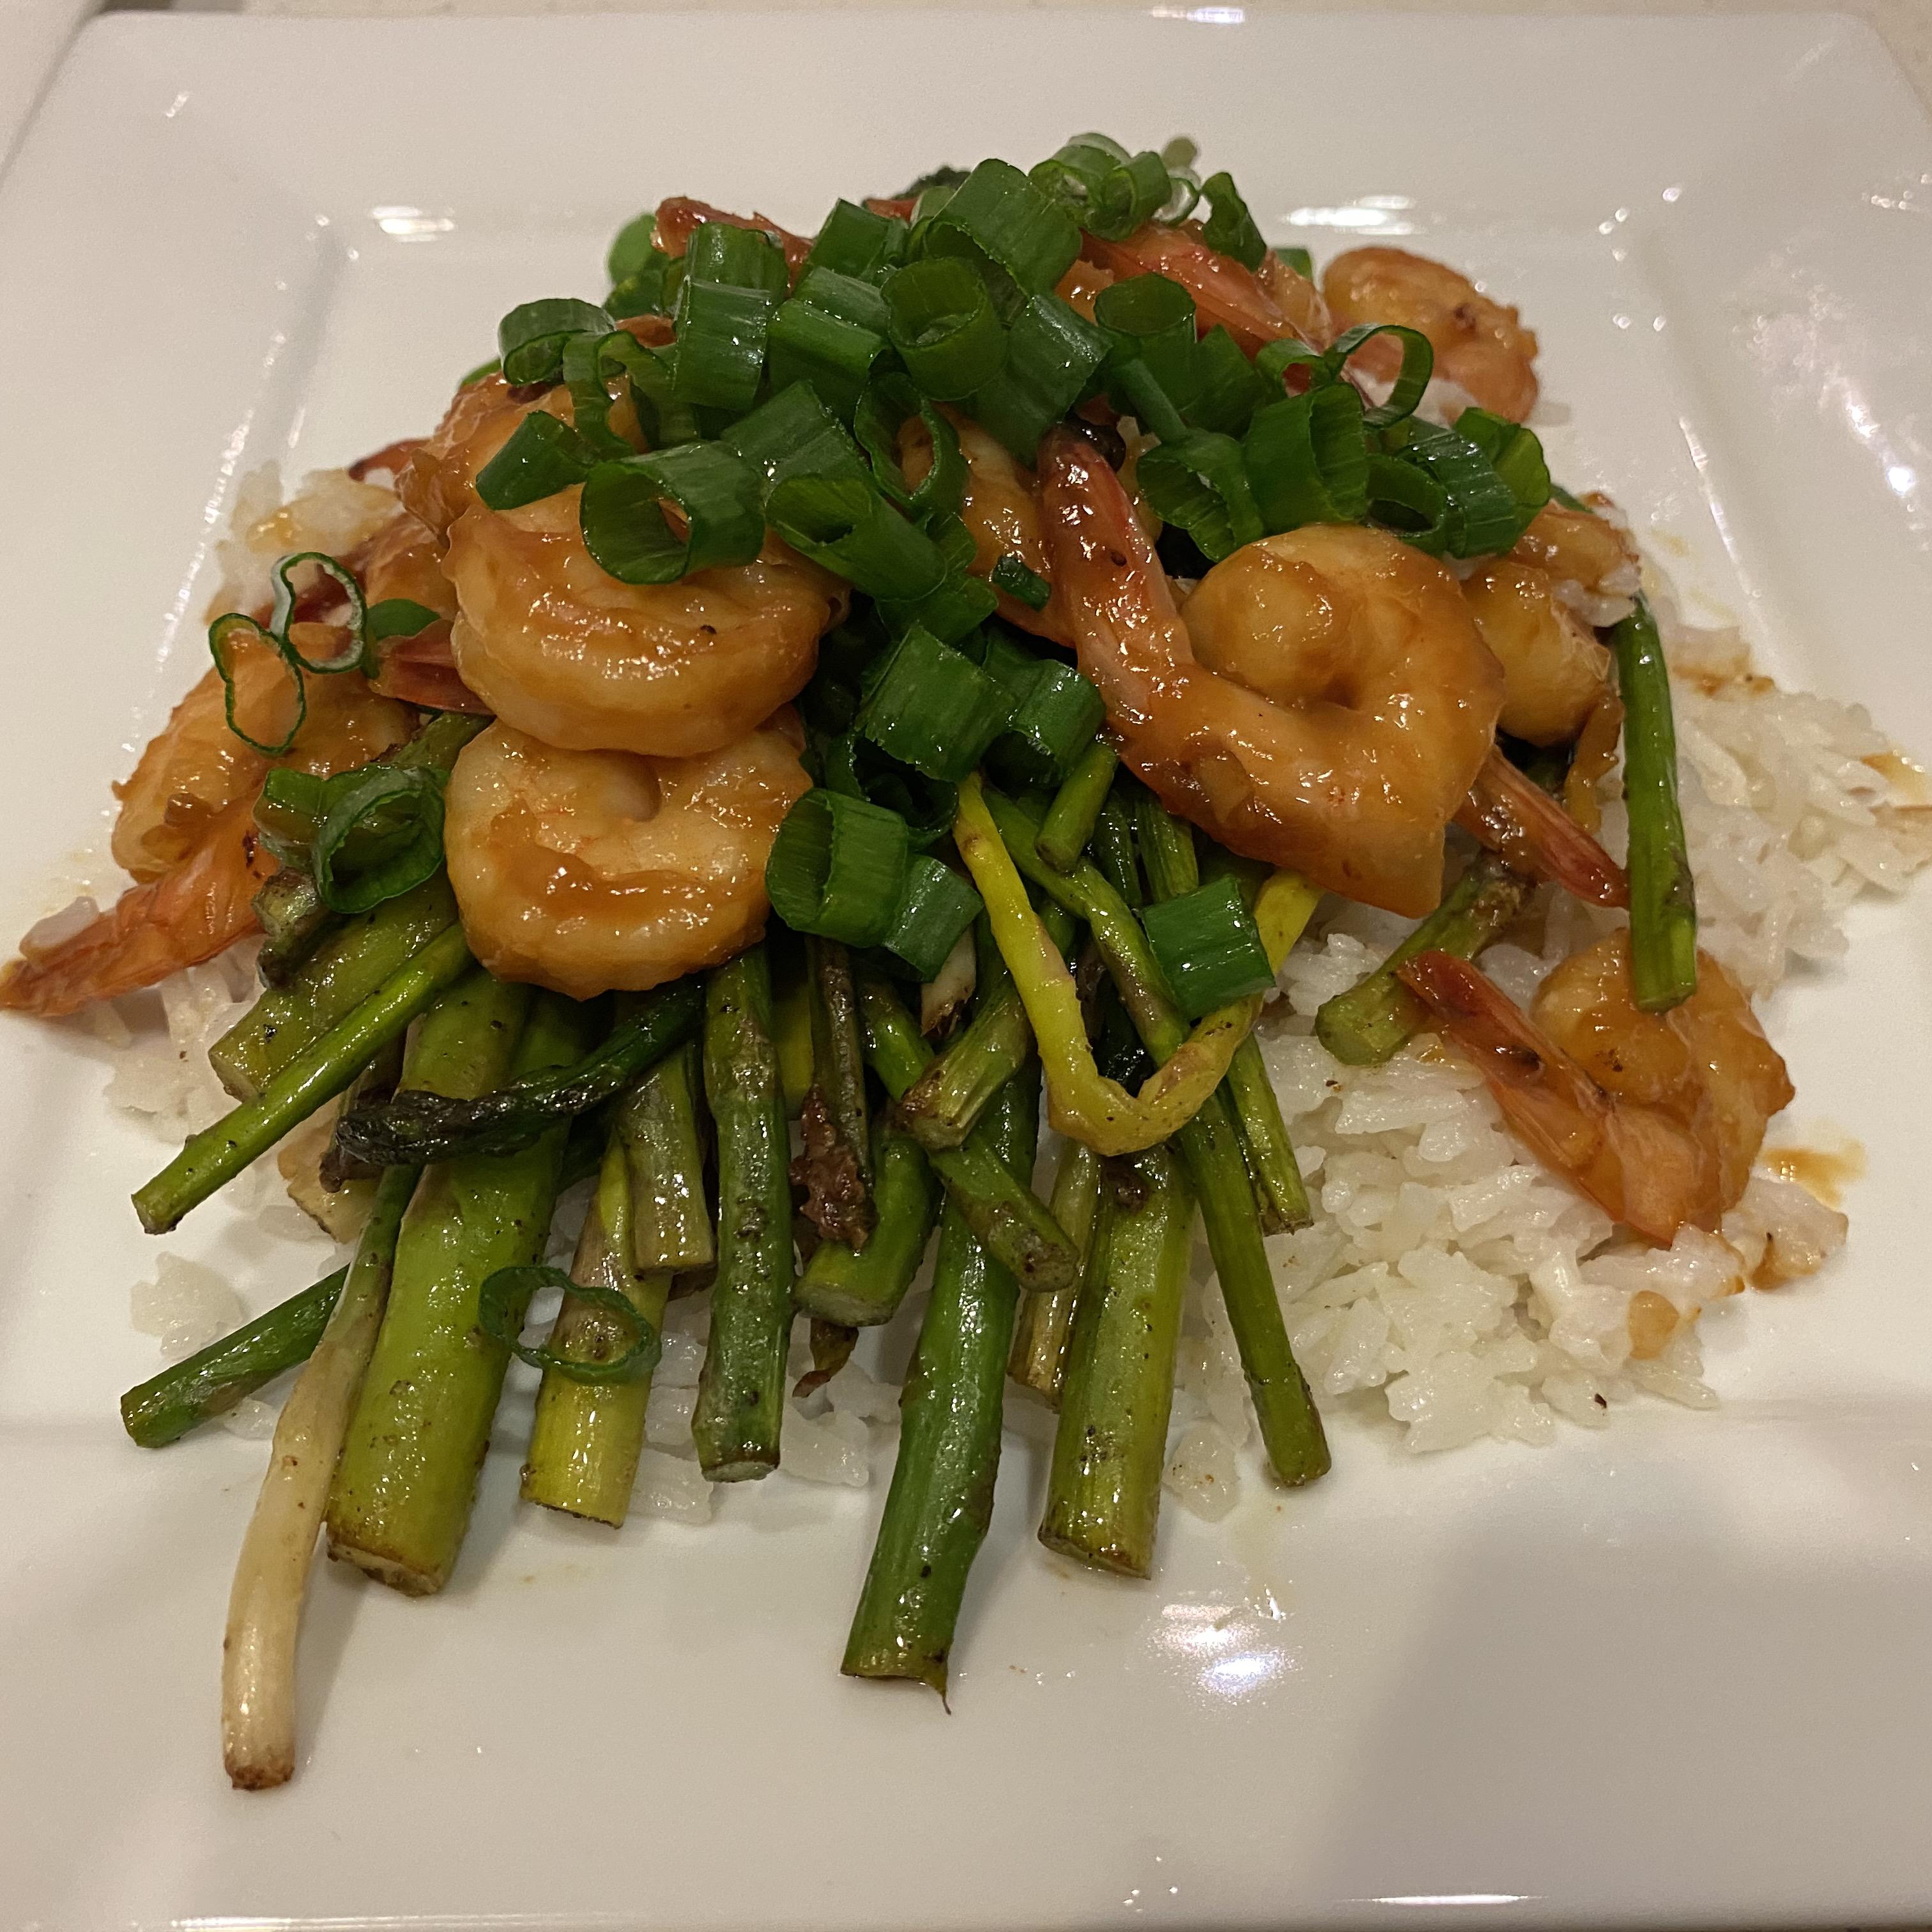 Grilled Teriyaki Prawns with Asparagus and Coconut Rice EvyBear